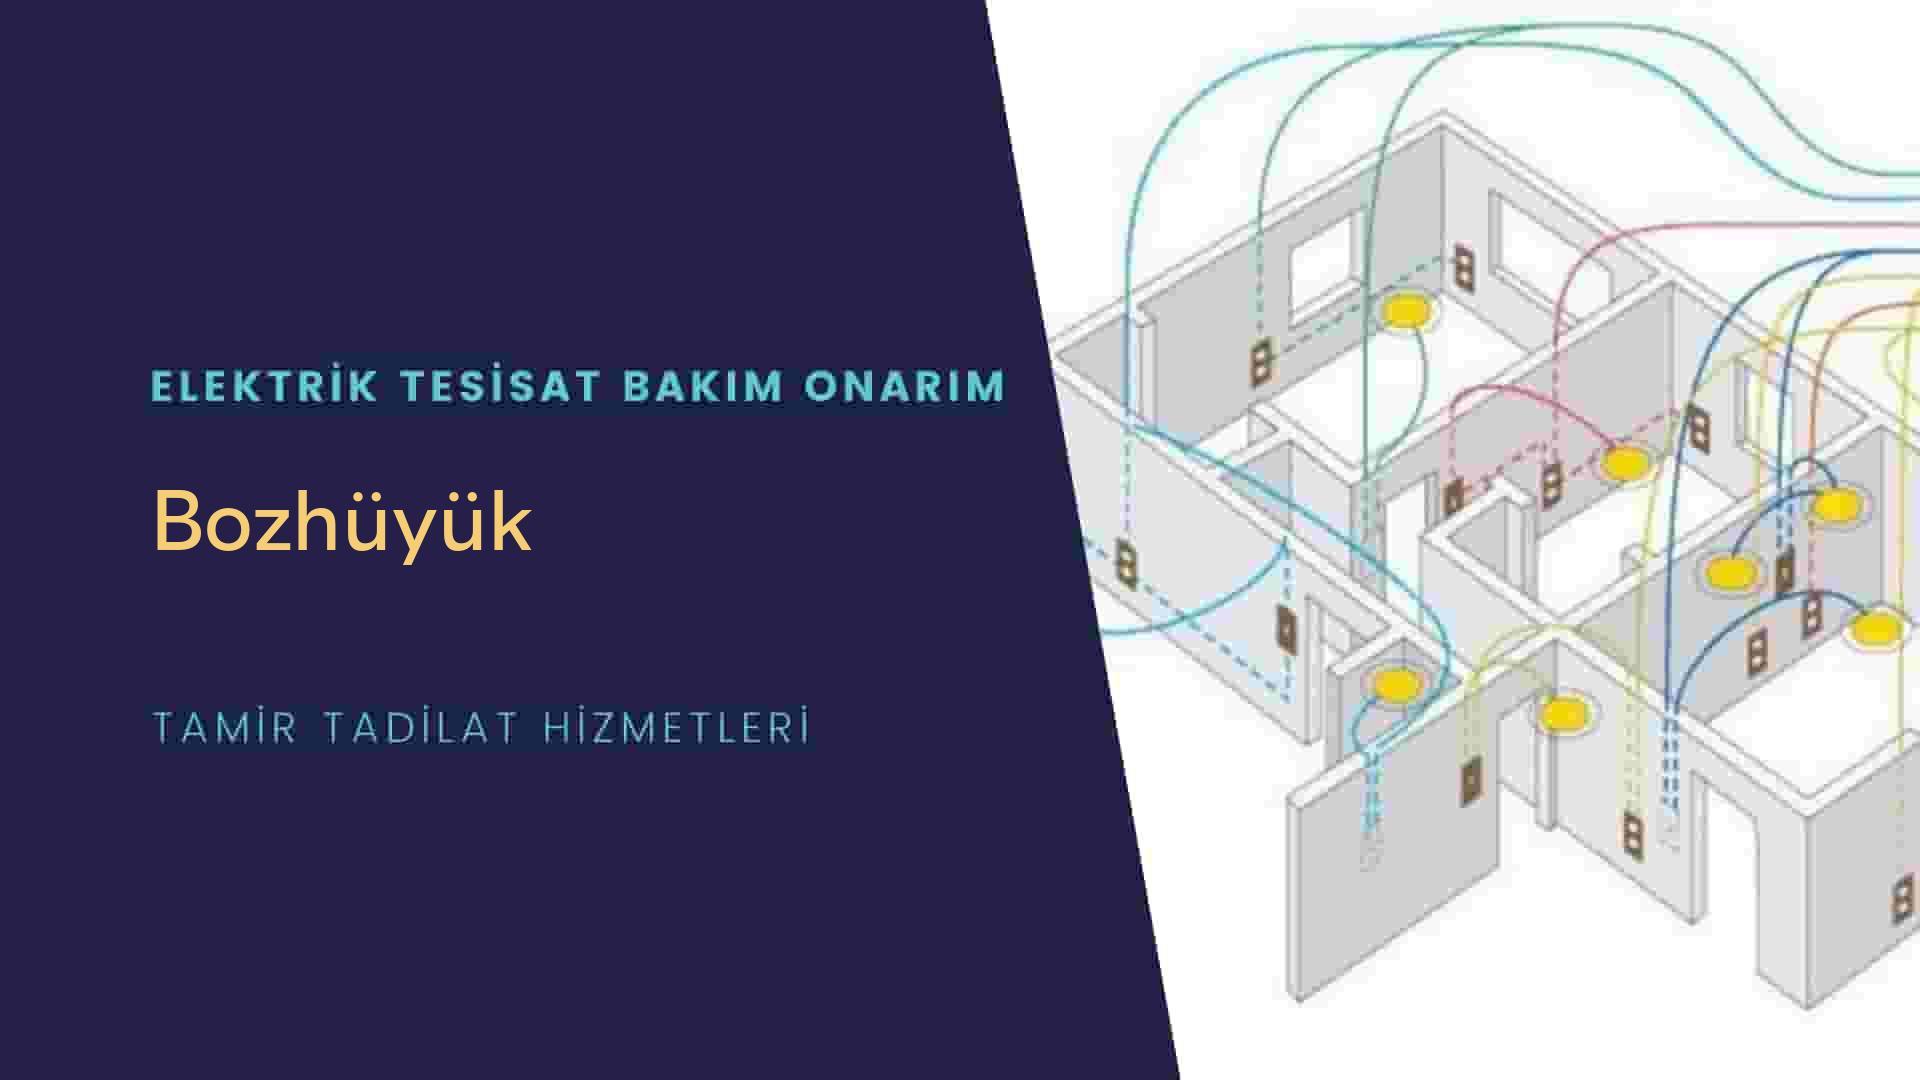 Bozhüyük'te elektrik tesisatıustalarımı arıyorsunuz doğru adrestenizi Bozhüyük elektrik tesisatı ustalarımız 7/24 sizlere hizmet vermekten mutluluk duyar.